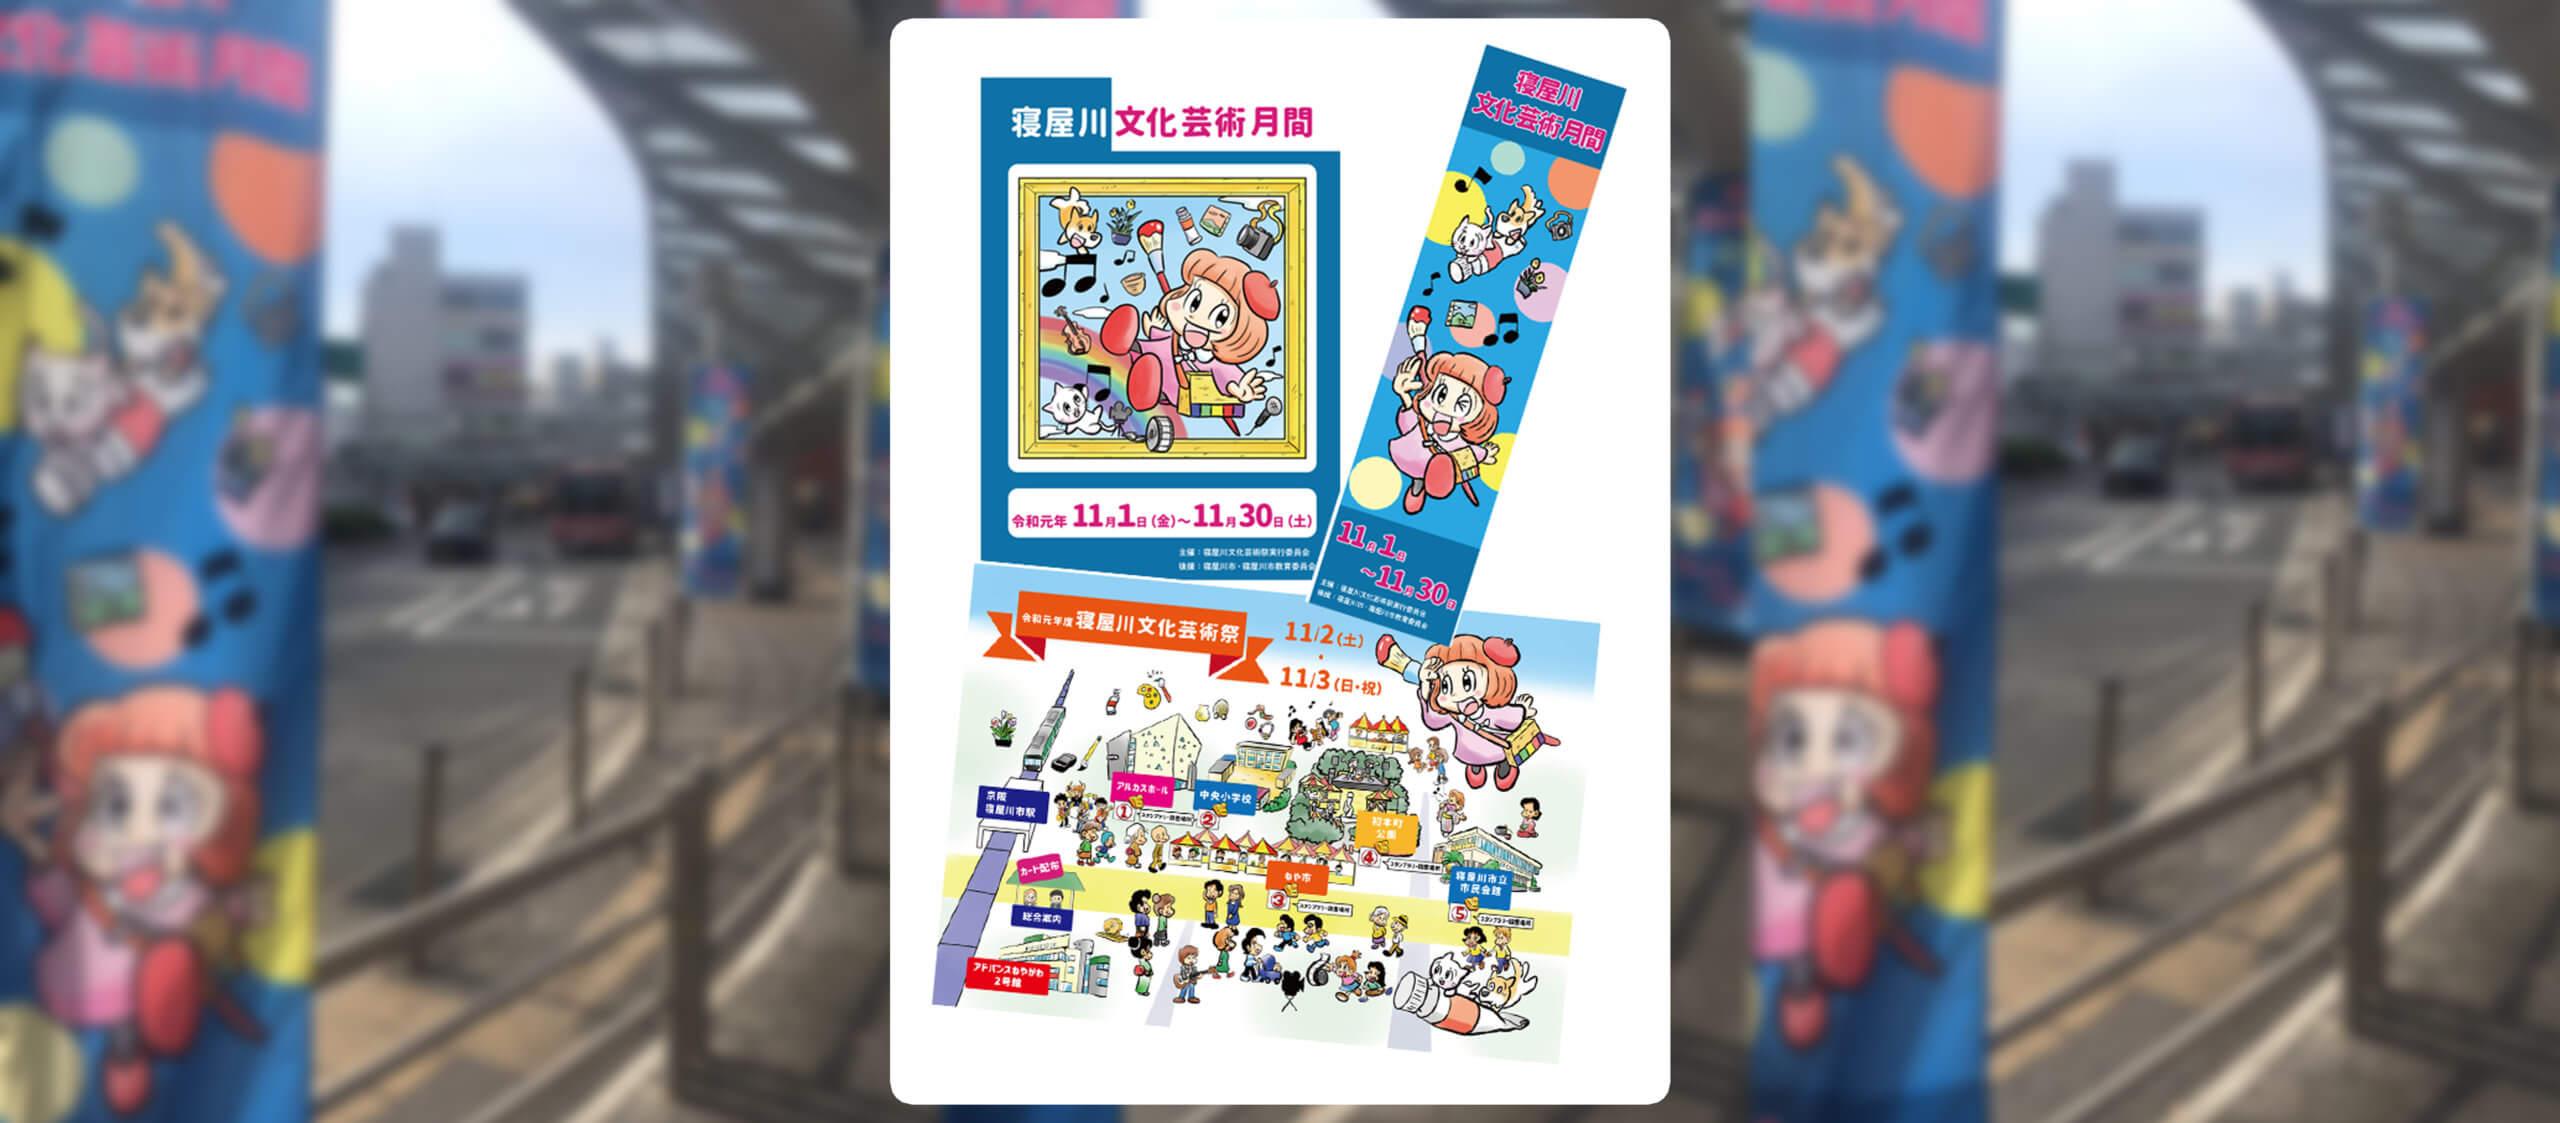 寝屋川文化芸術祭2019スライダー用